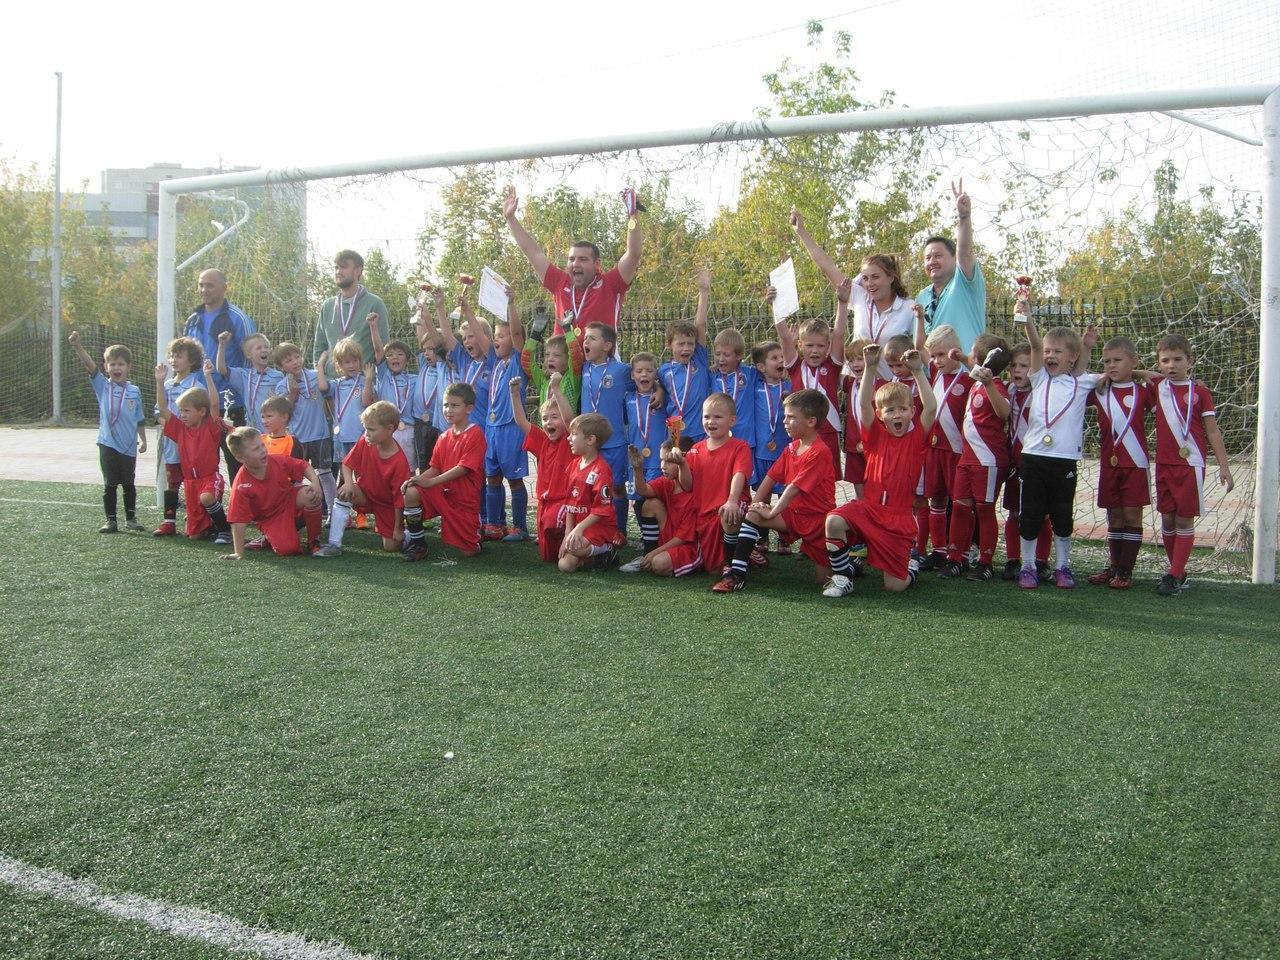 В Подольске пройдёт турнир по футболу «Весенний Кубок Подольска-2018» среди детских команд 2003 г.р.